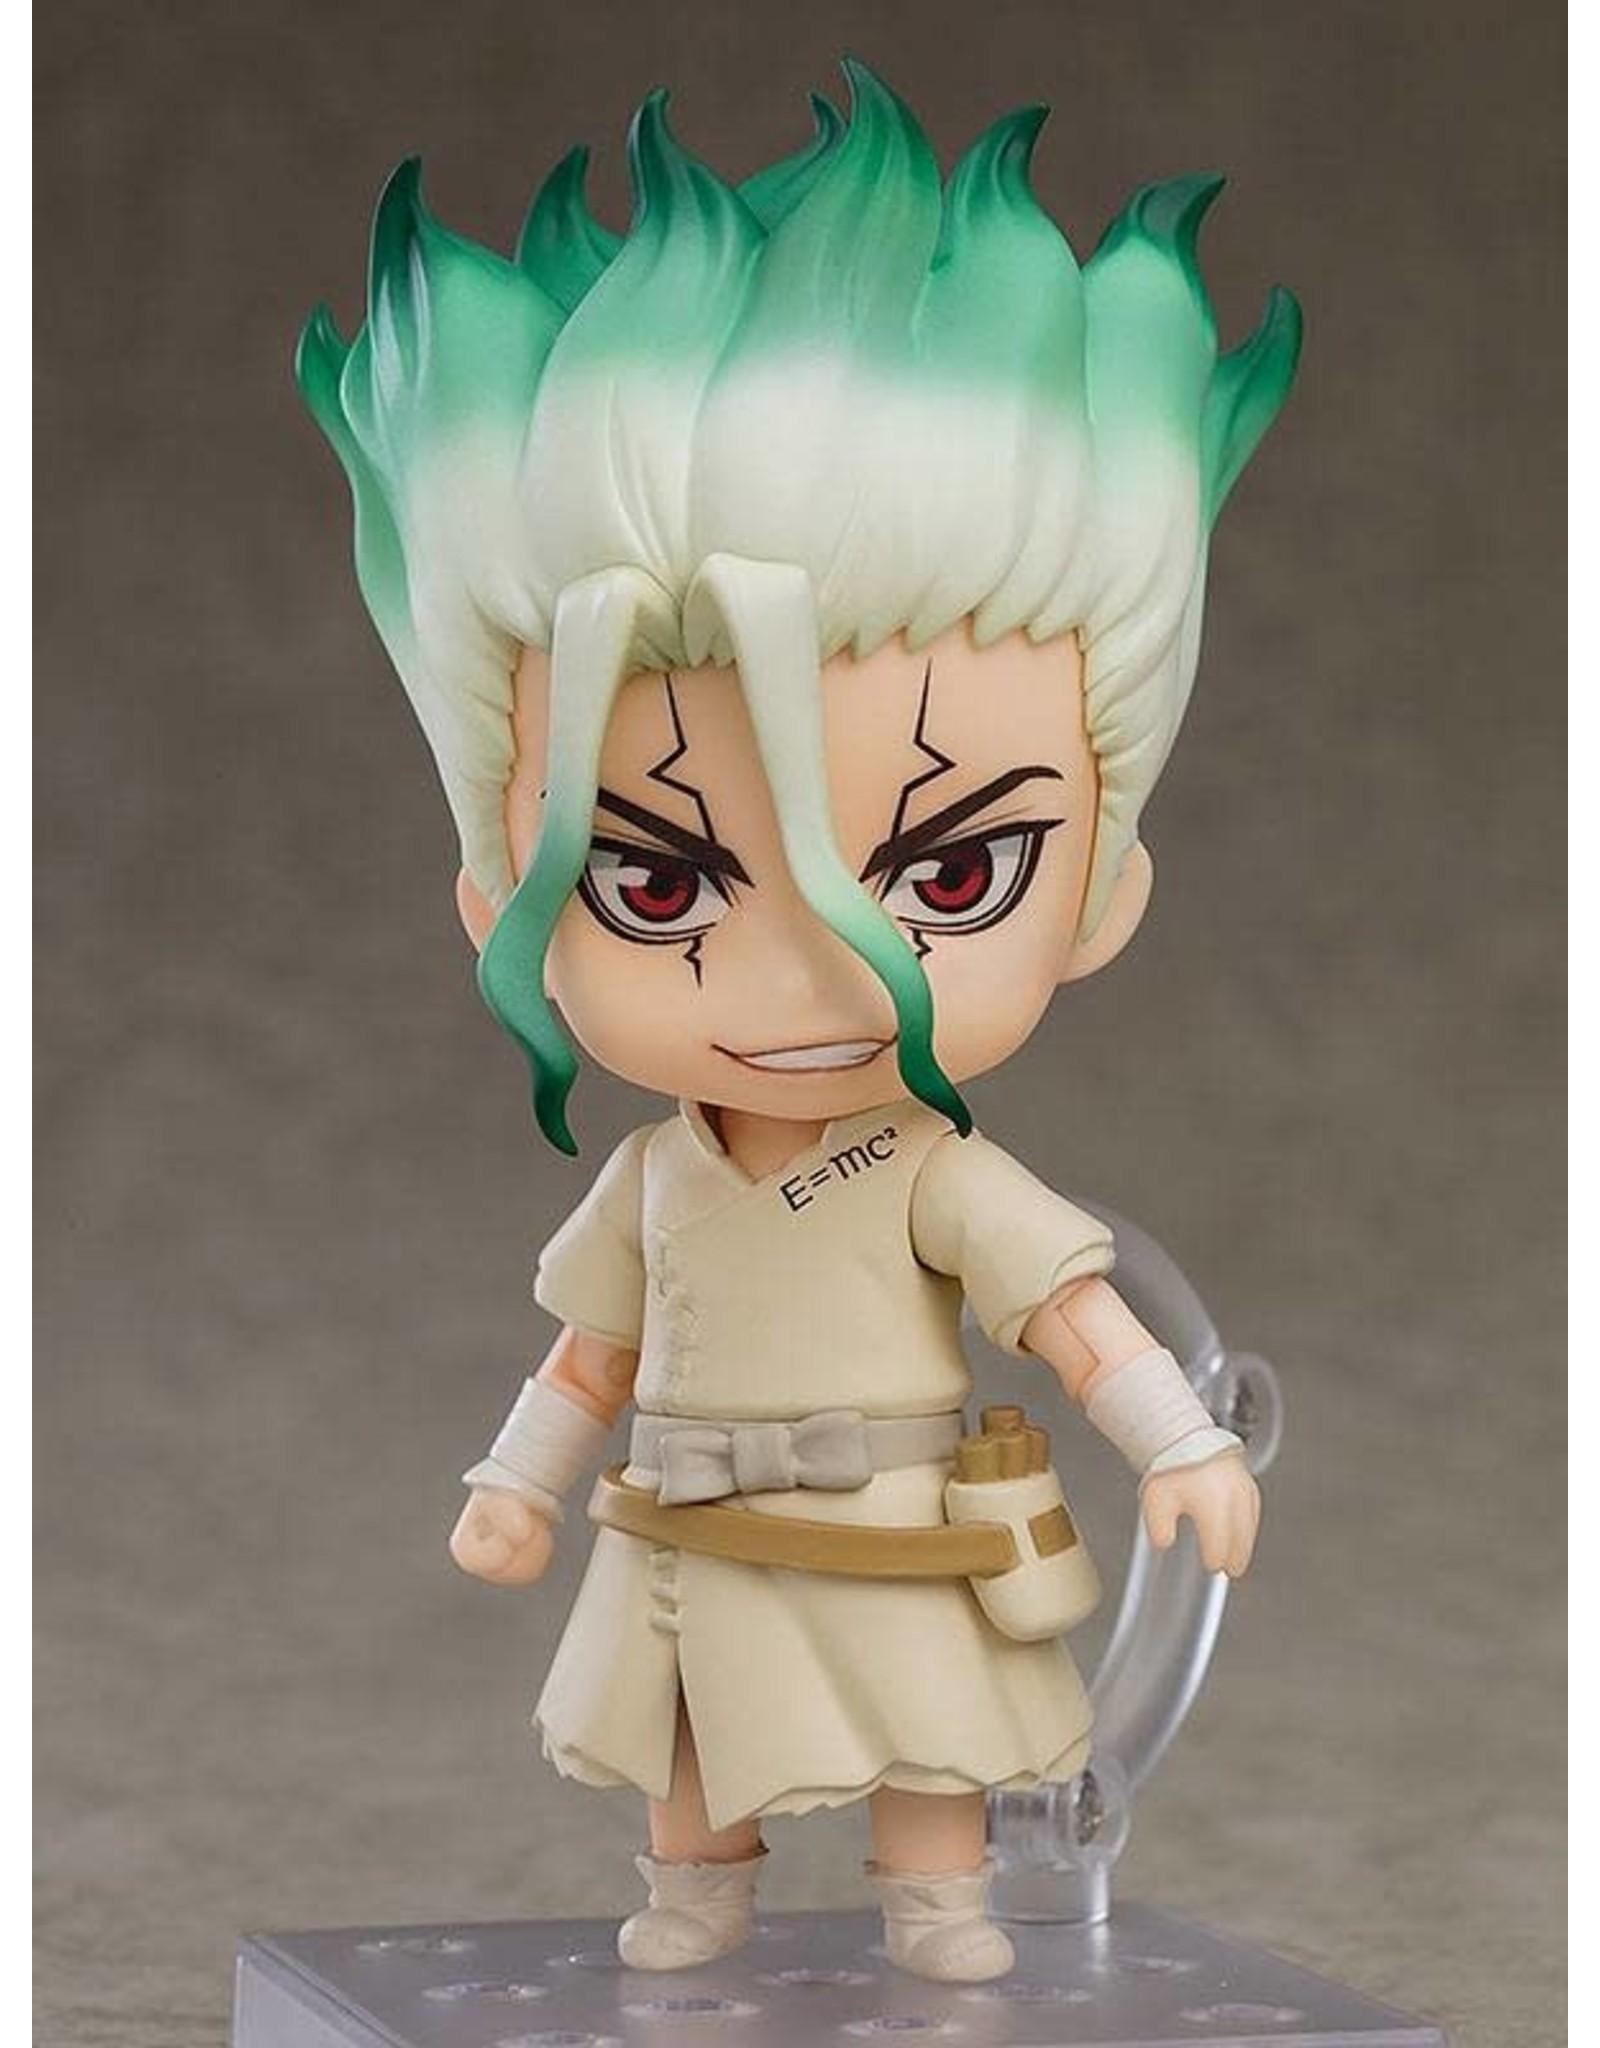 Dr. Stone - Senku Ishigami - Nendoroid 1262